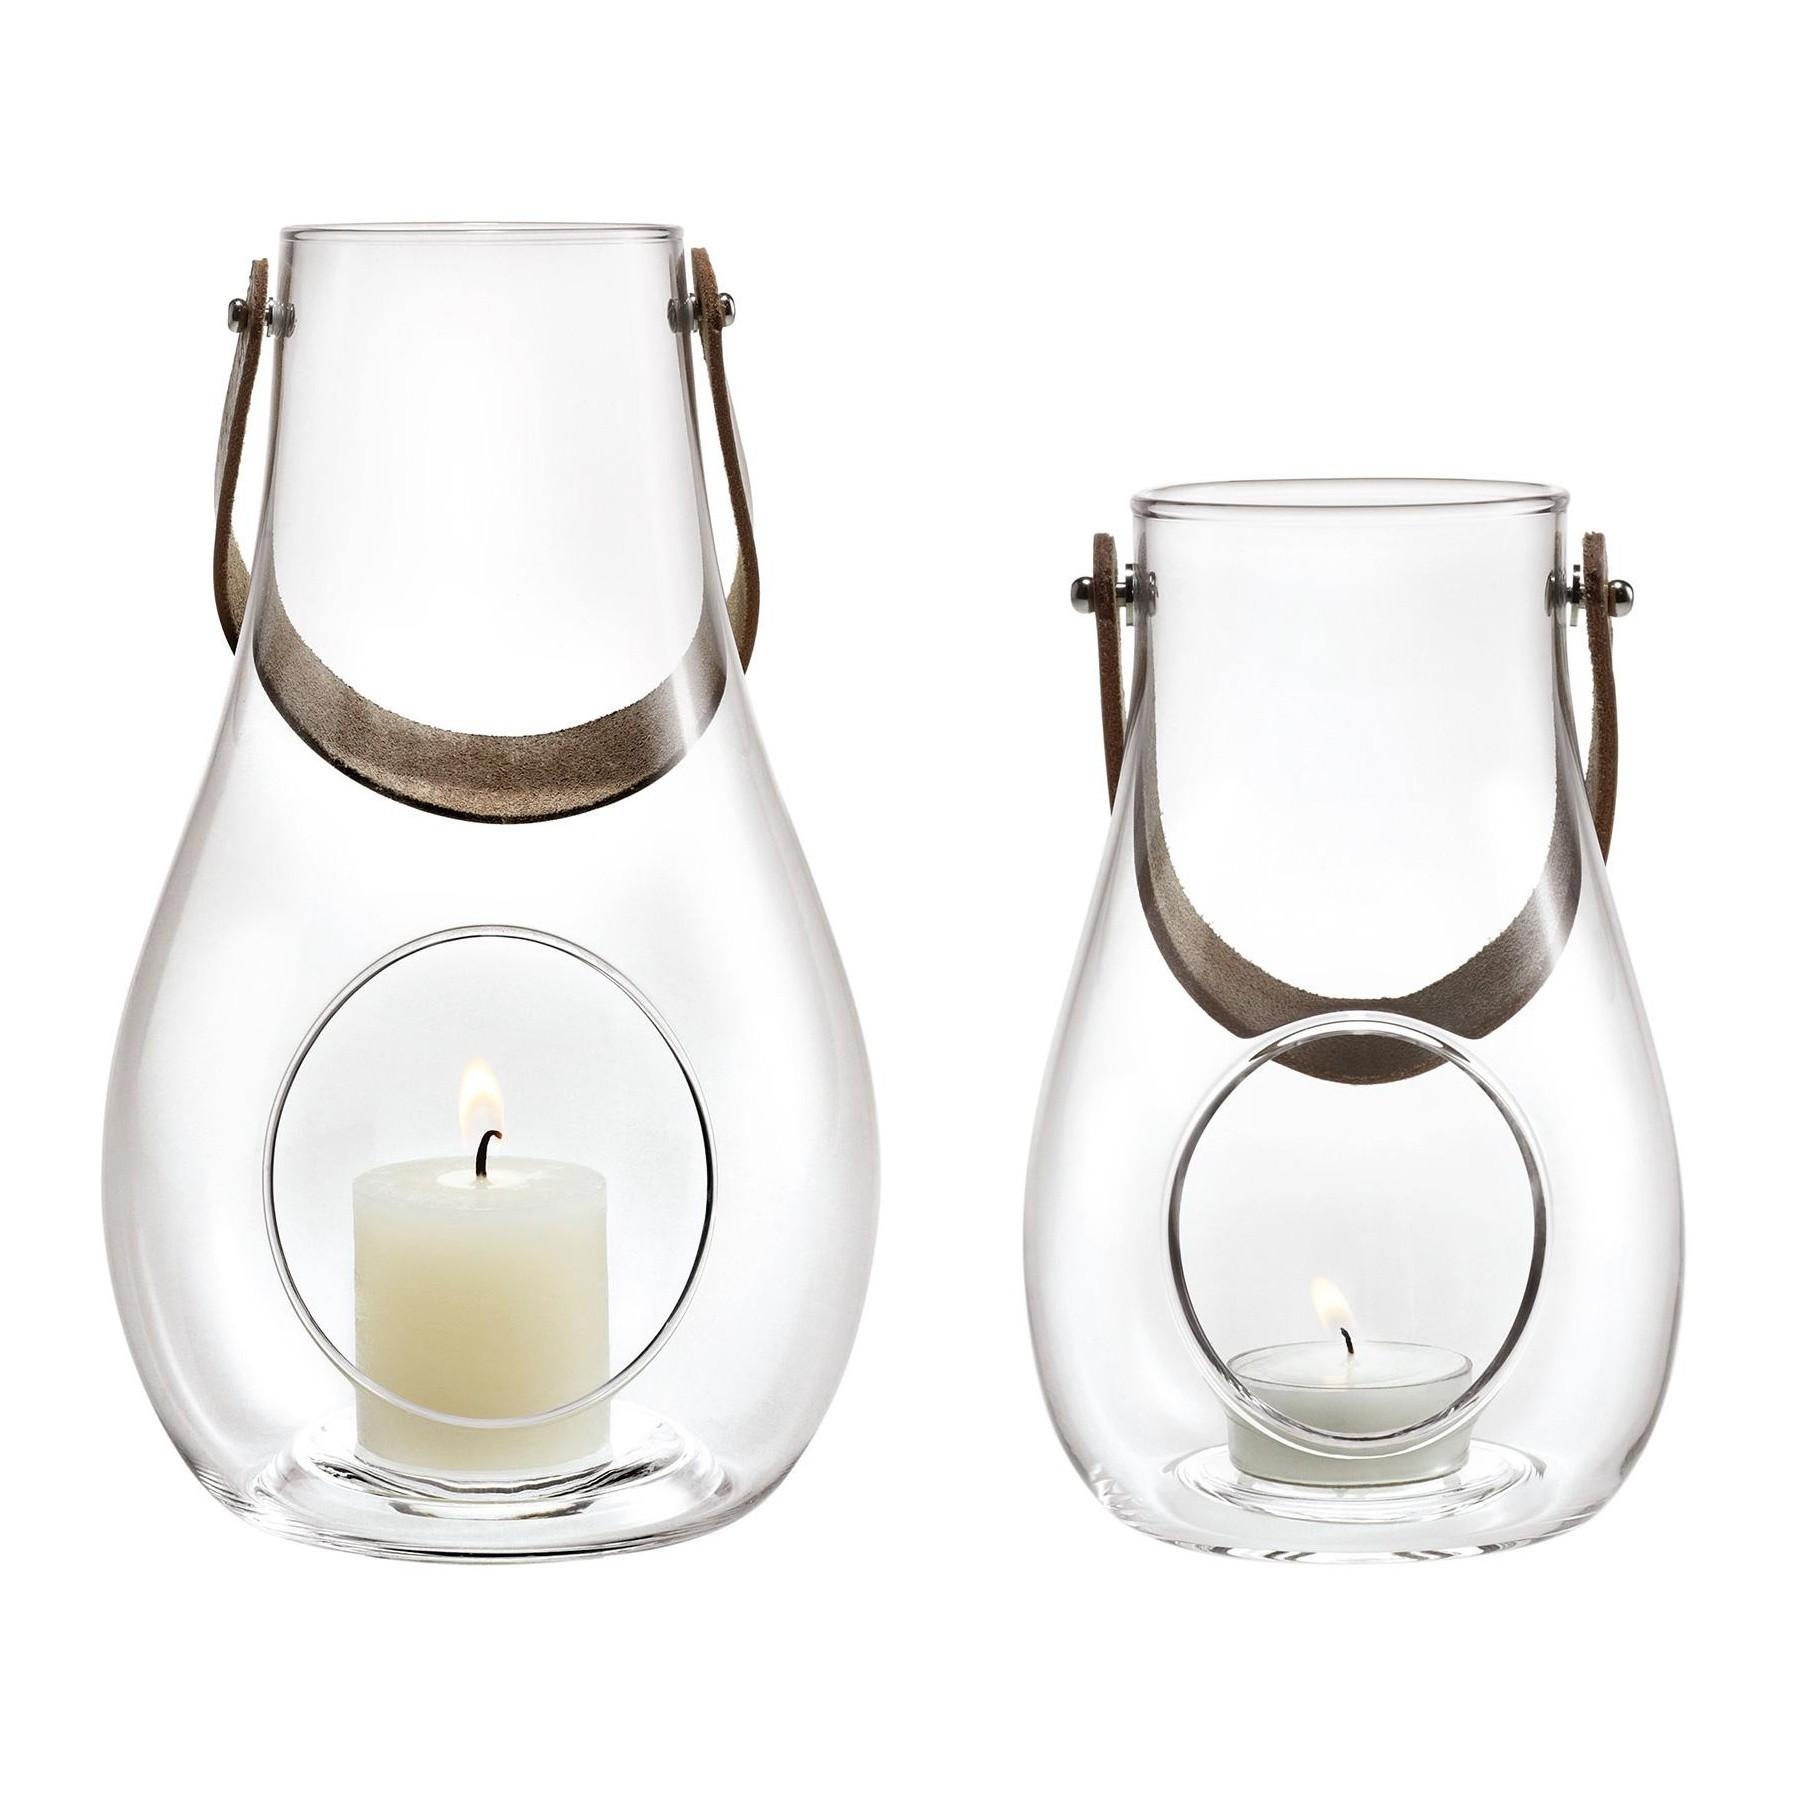 holmegaard design with light Holmegaard Design with Light Lantern Set of 2 | AmbienteDirect holmegaard design with light